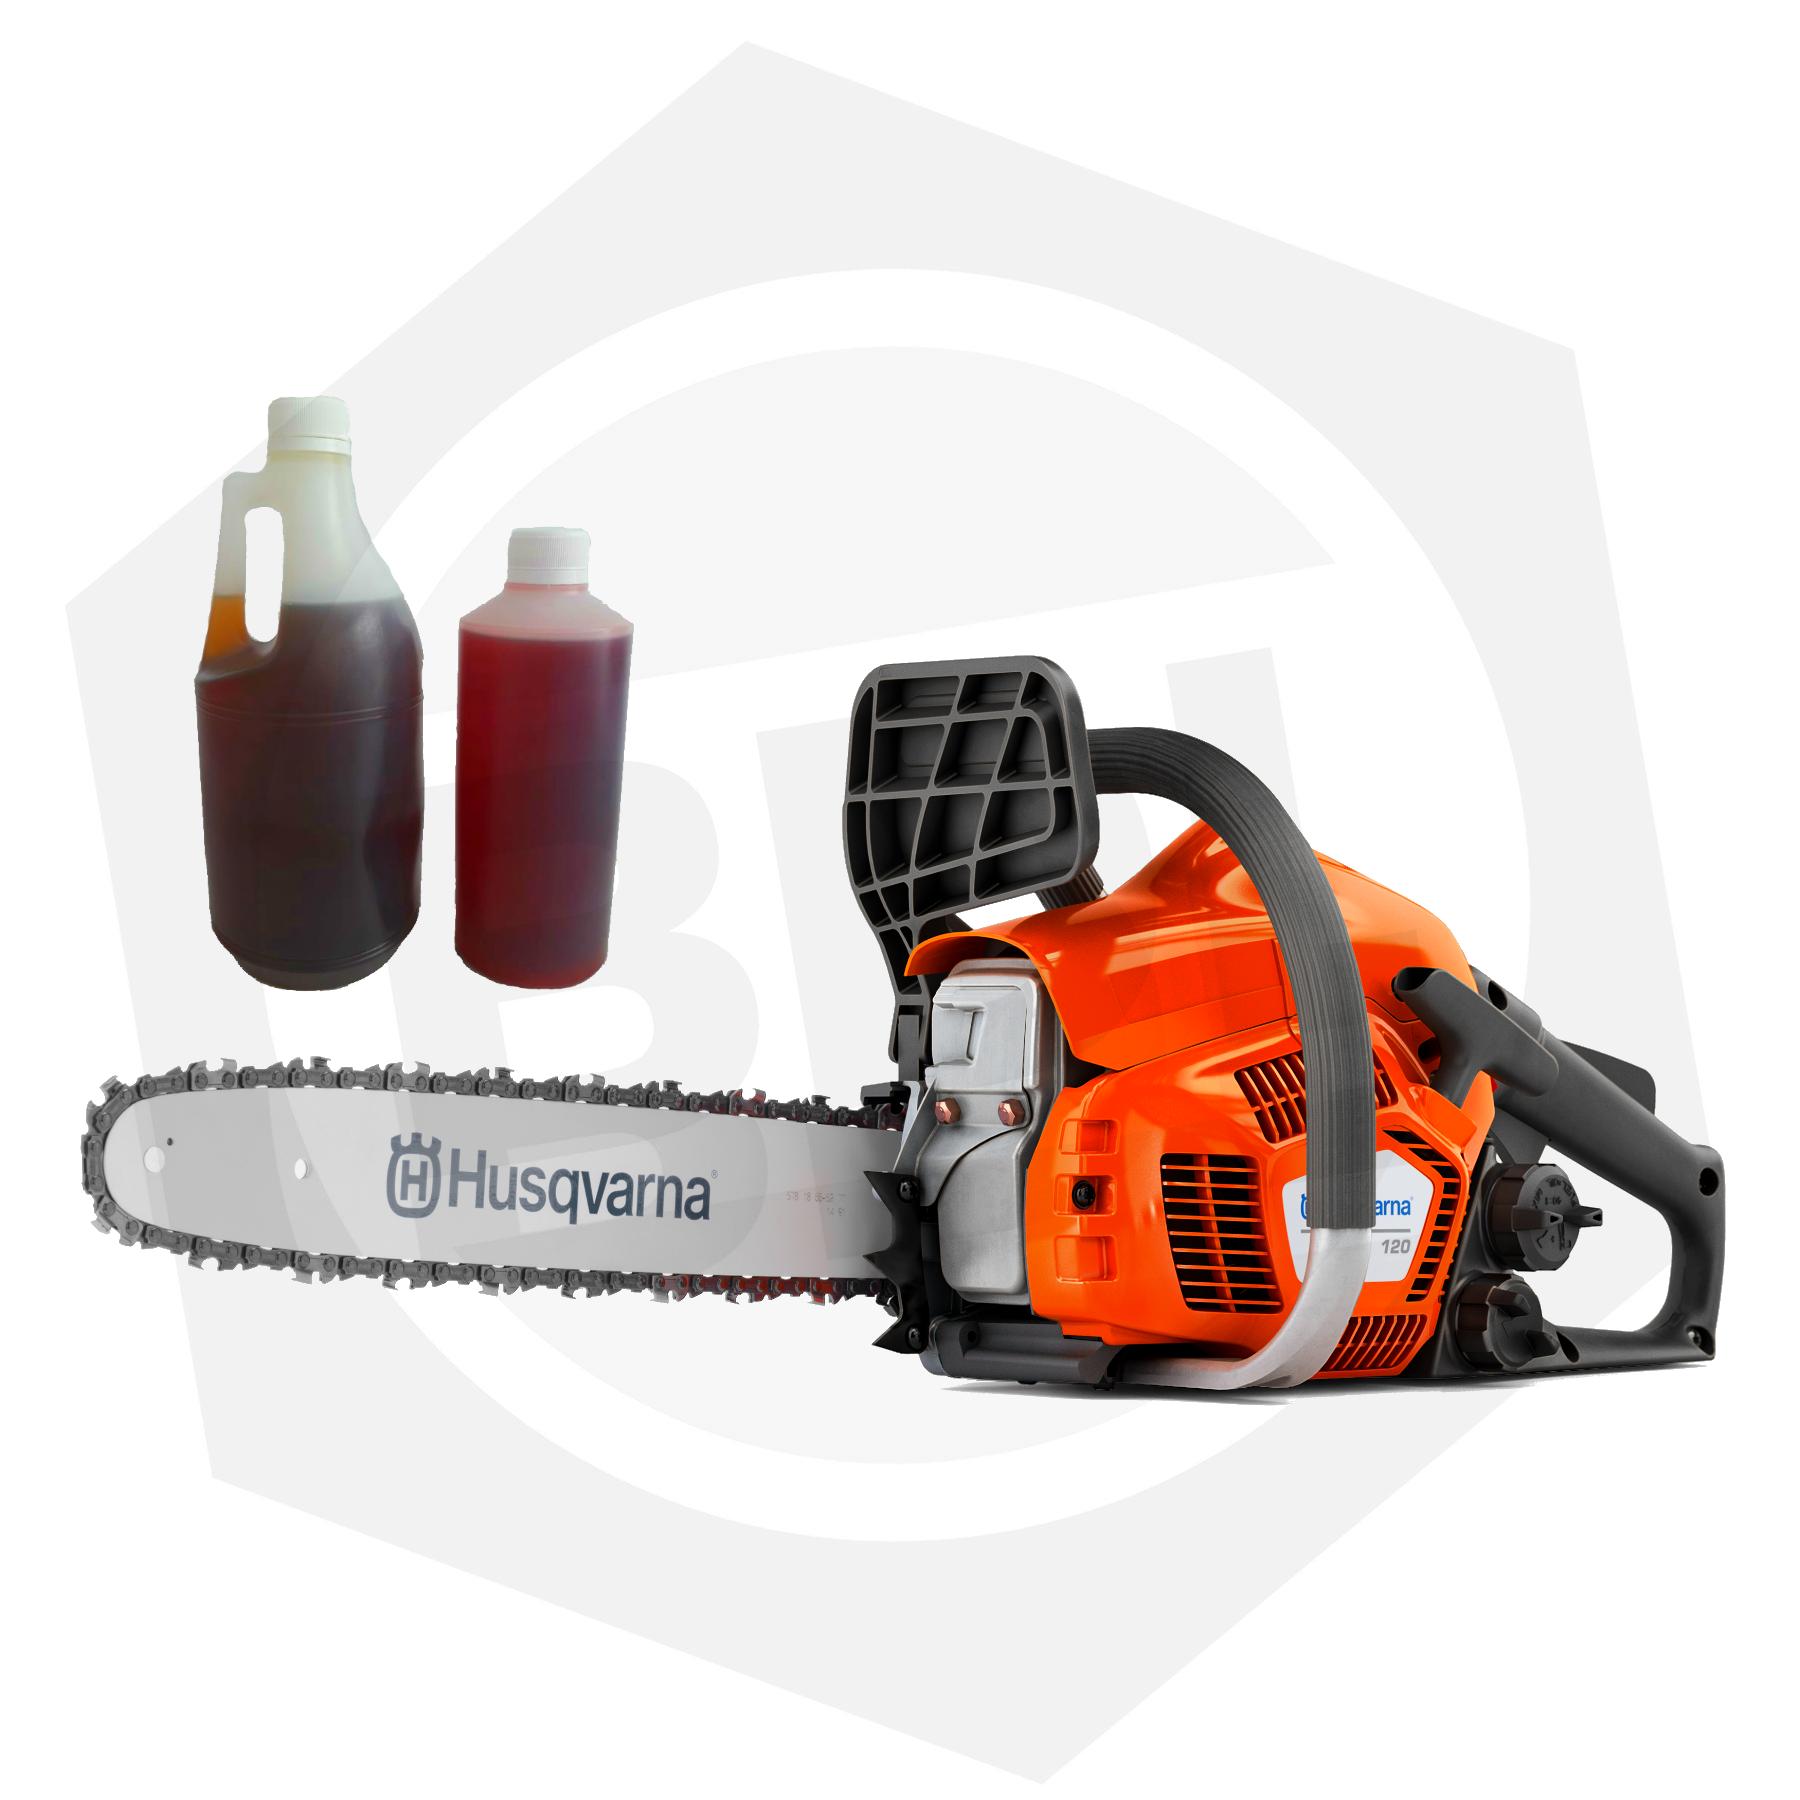 """Motosierra Husqvarna 120 - 35 cc / 14"""" + 1 L de Aceite Cadena + 1/2 L Aceite 2 Tiempos"""